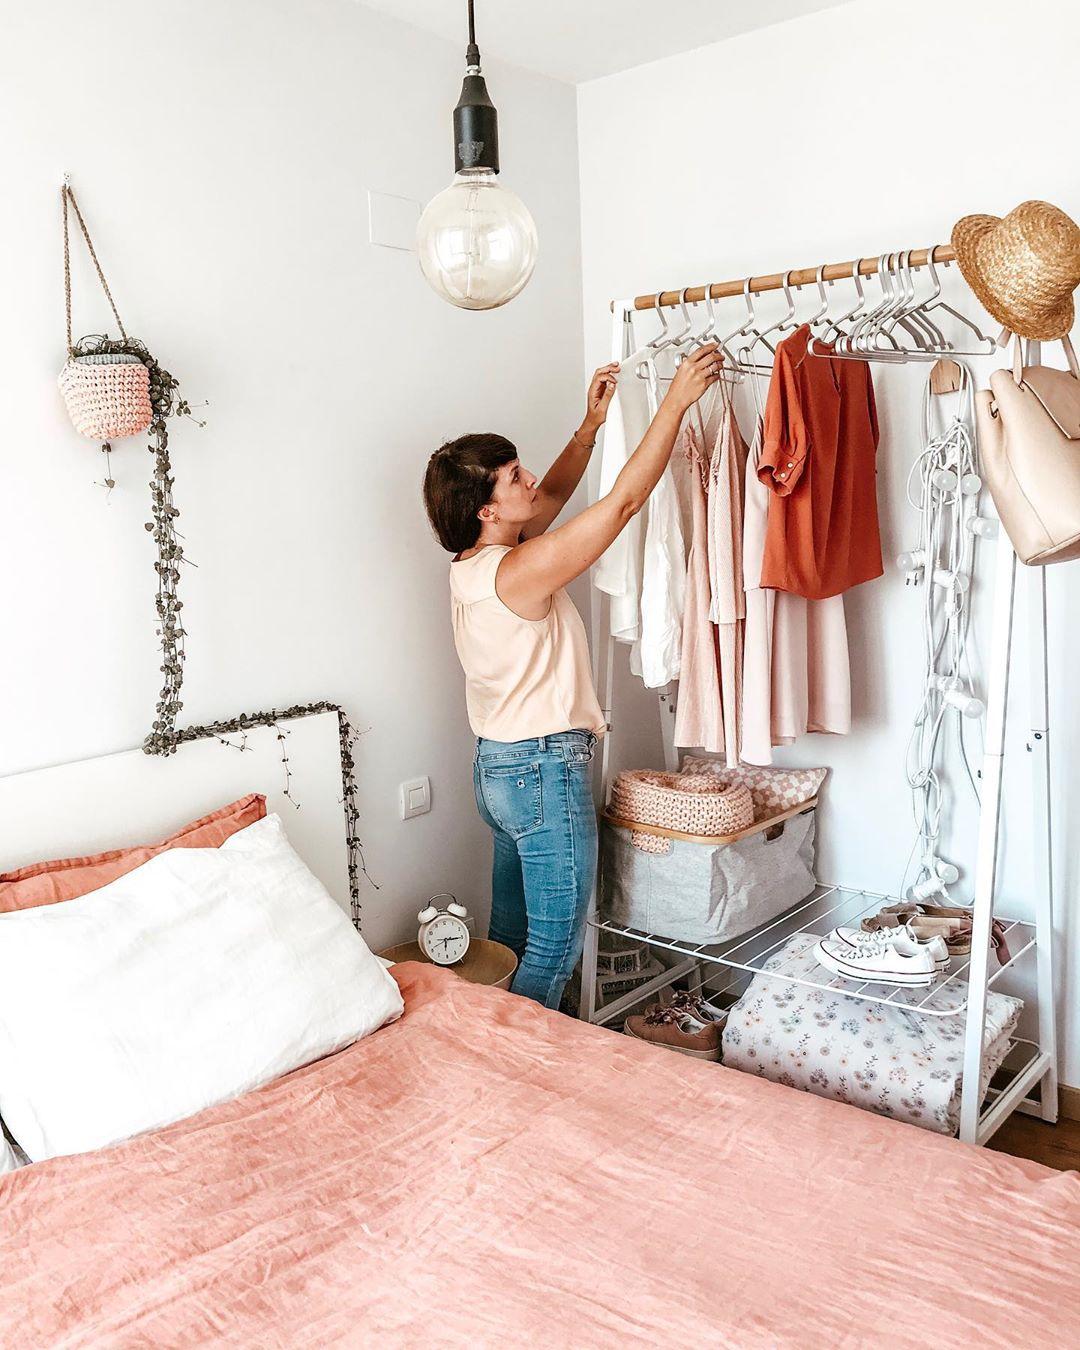 encontrar mano de obra oferta venta más caliente Tendedero Linn: práctico y elegante | Brabantia